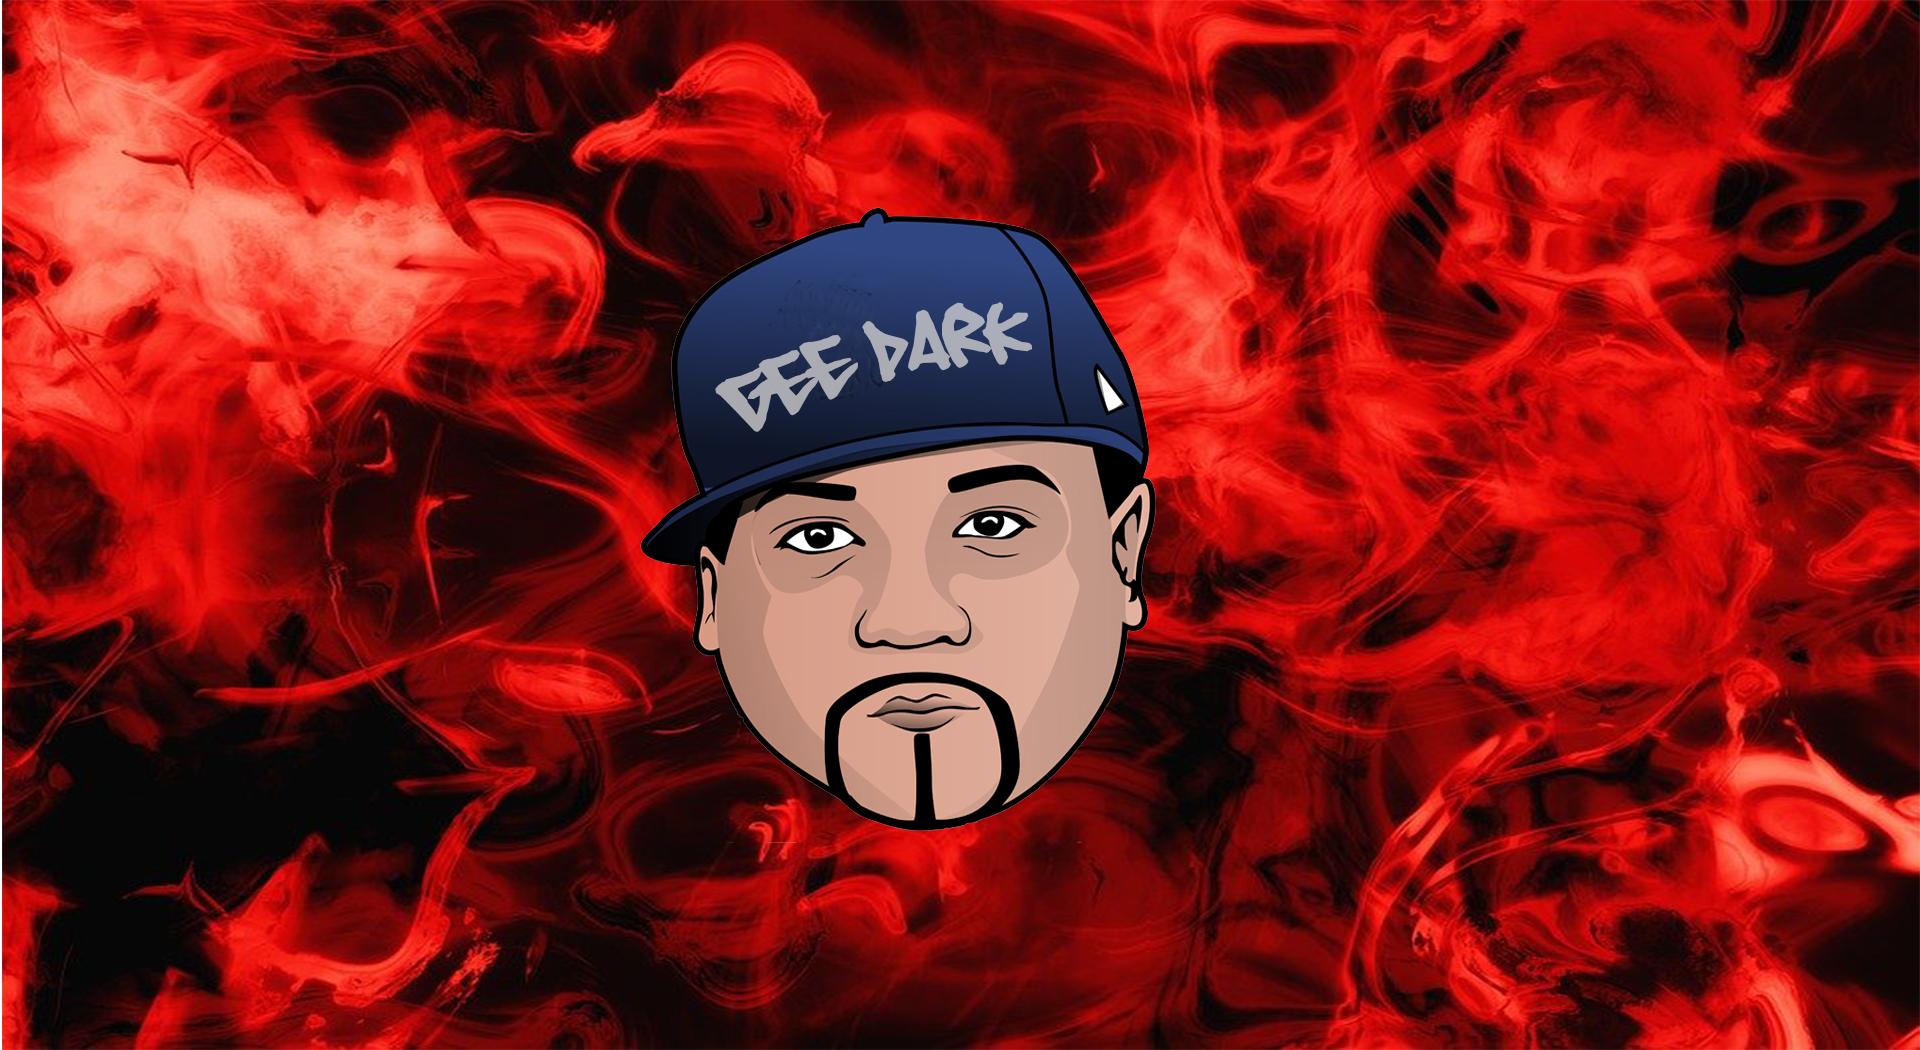 https://geedarkbeats.com/wp-content/uploads/2020/08/Gee-dark-face-red.jpg